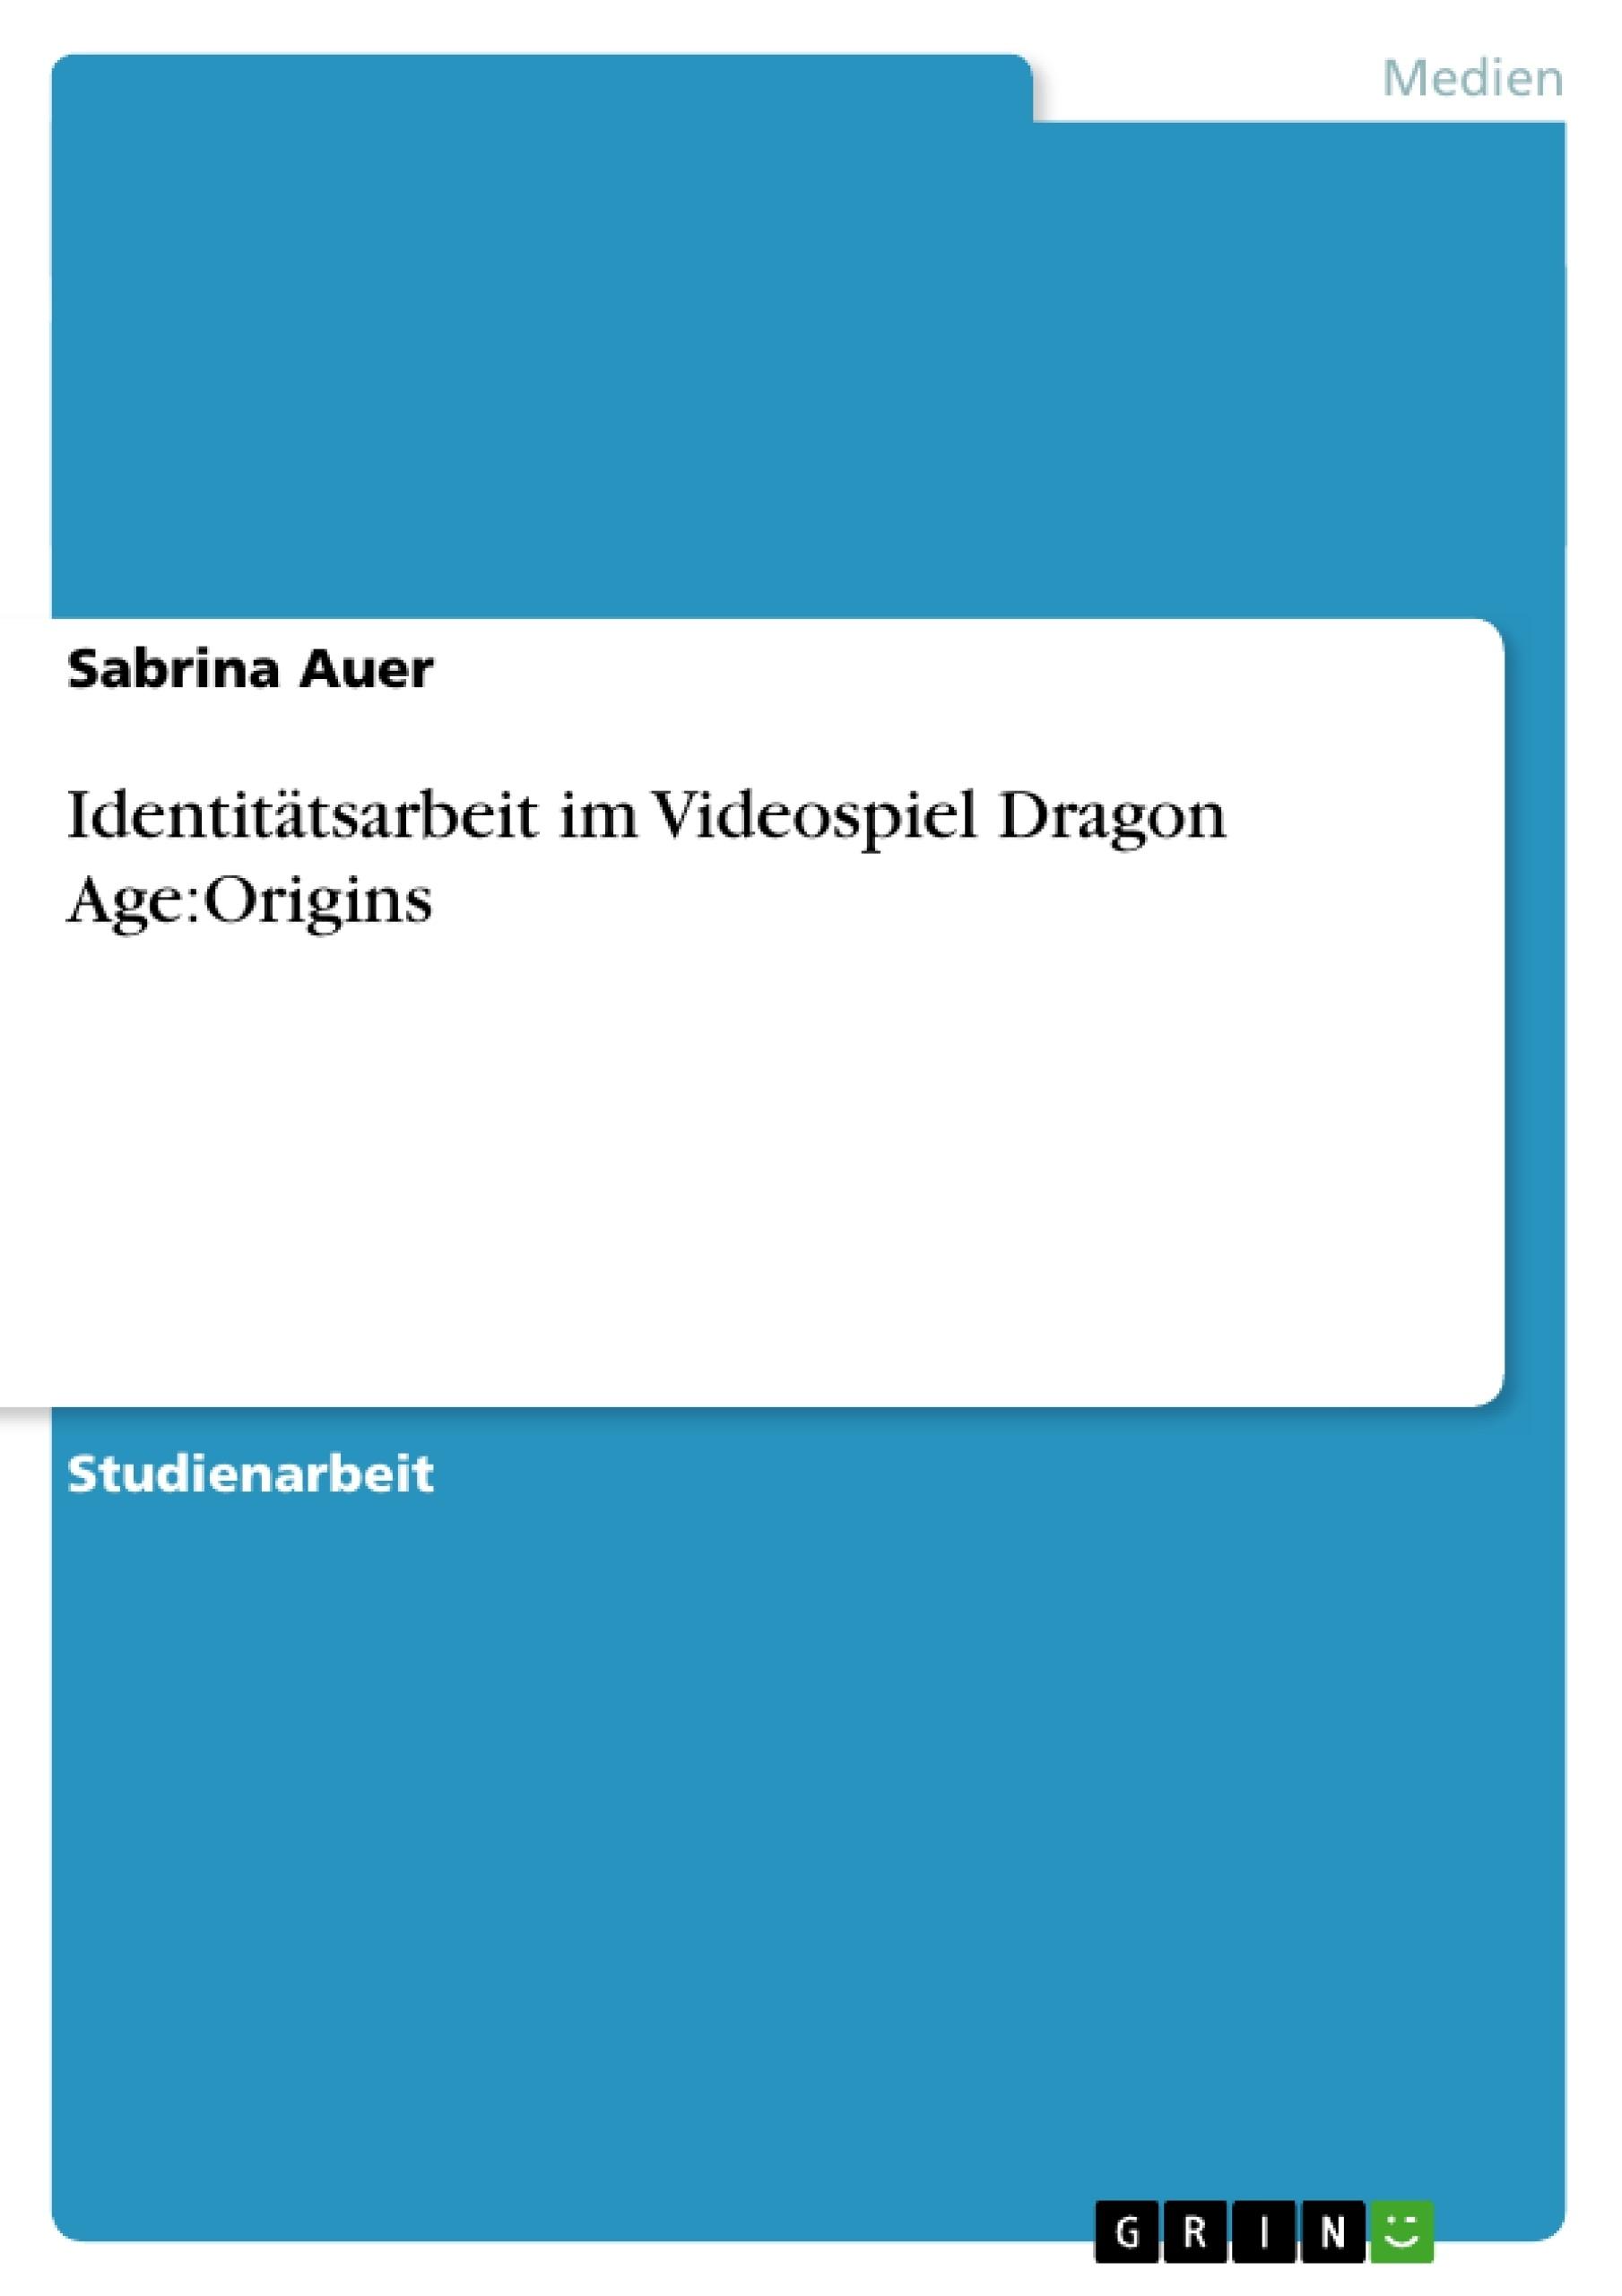 Titel: Identitätsarbeit im Videospiel Dragon Age:Origins